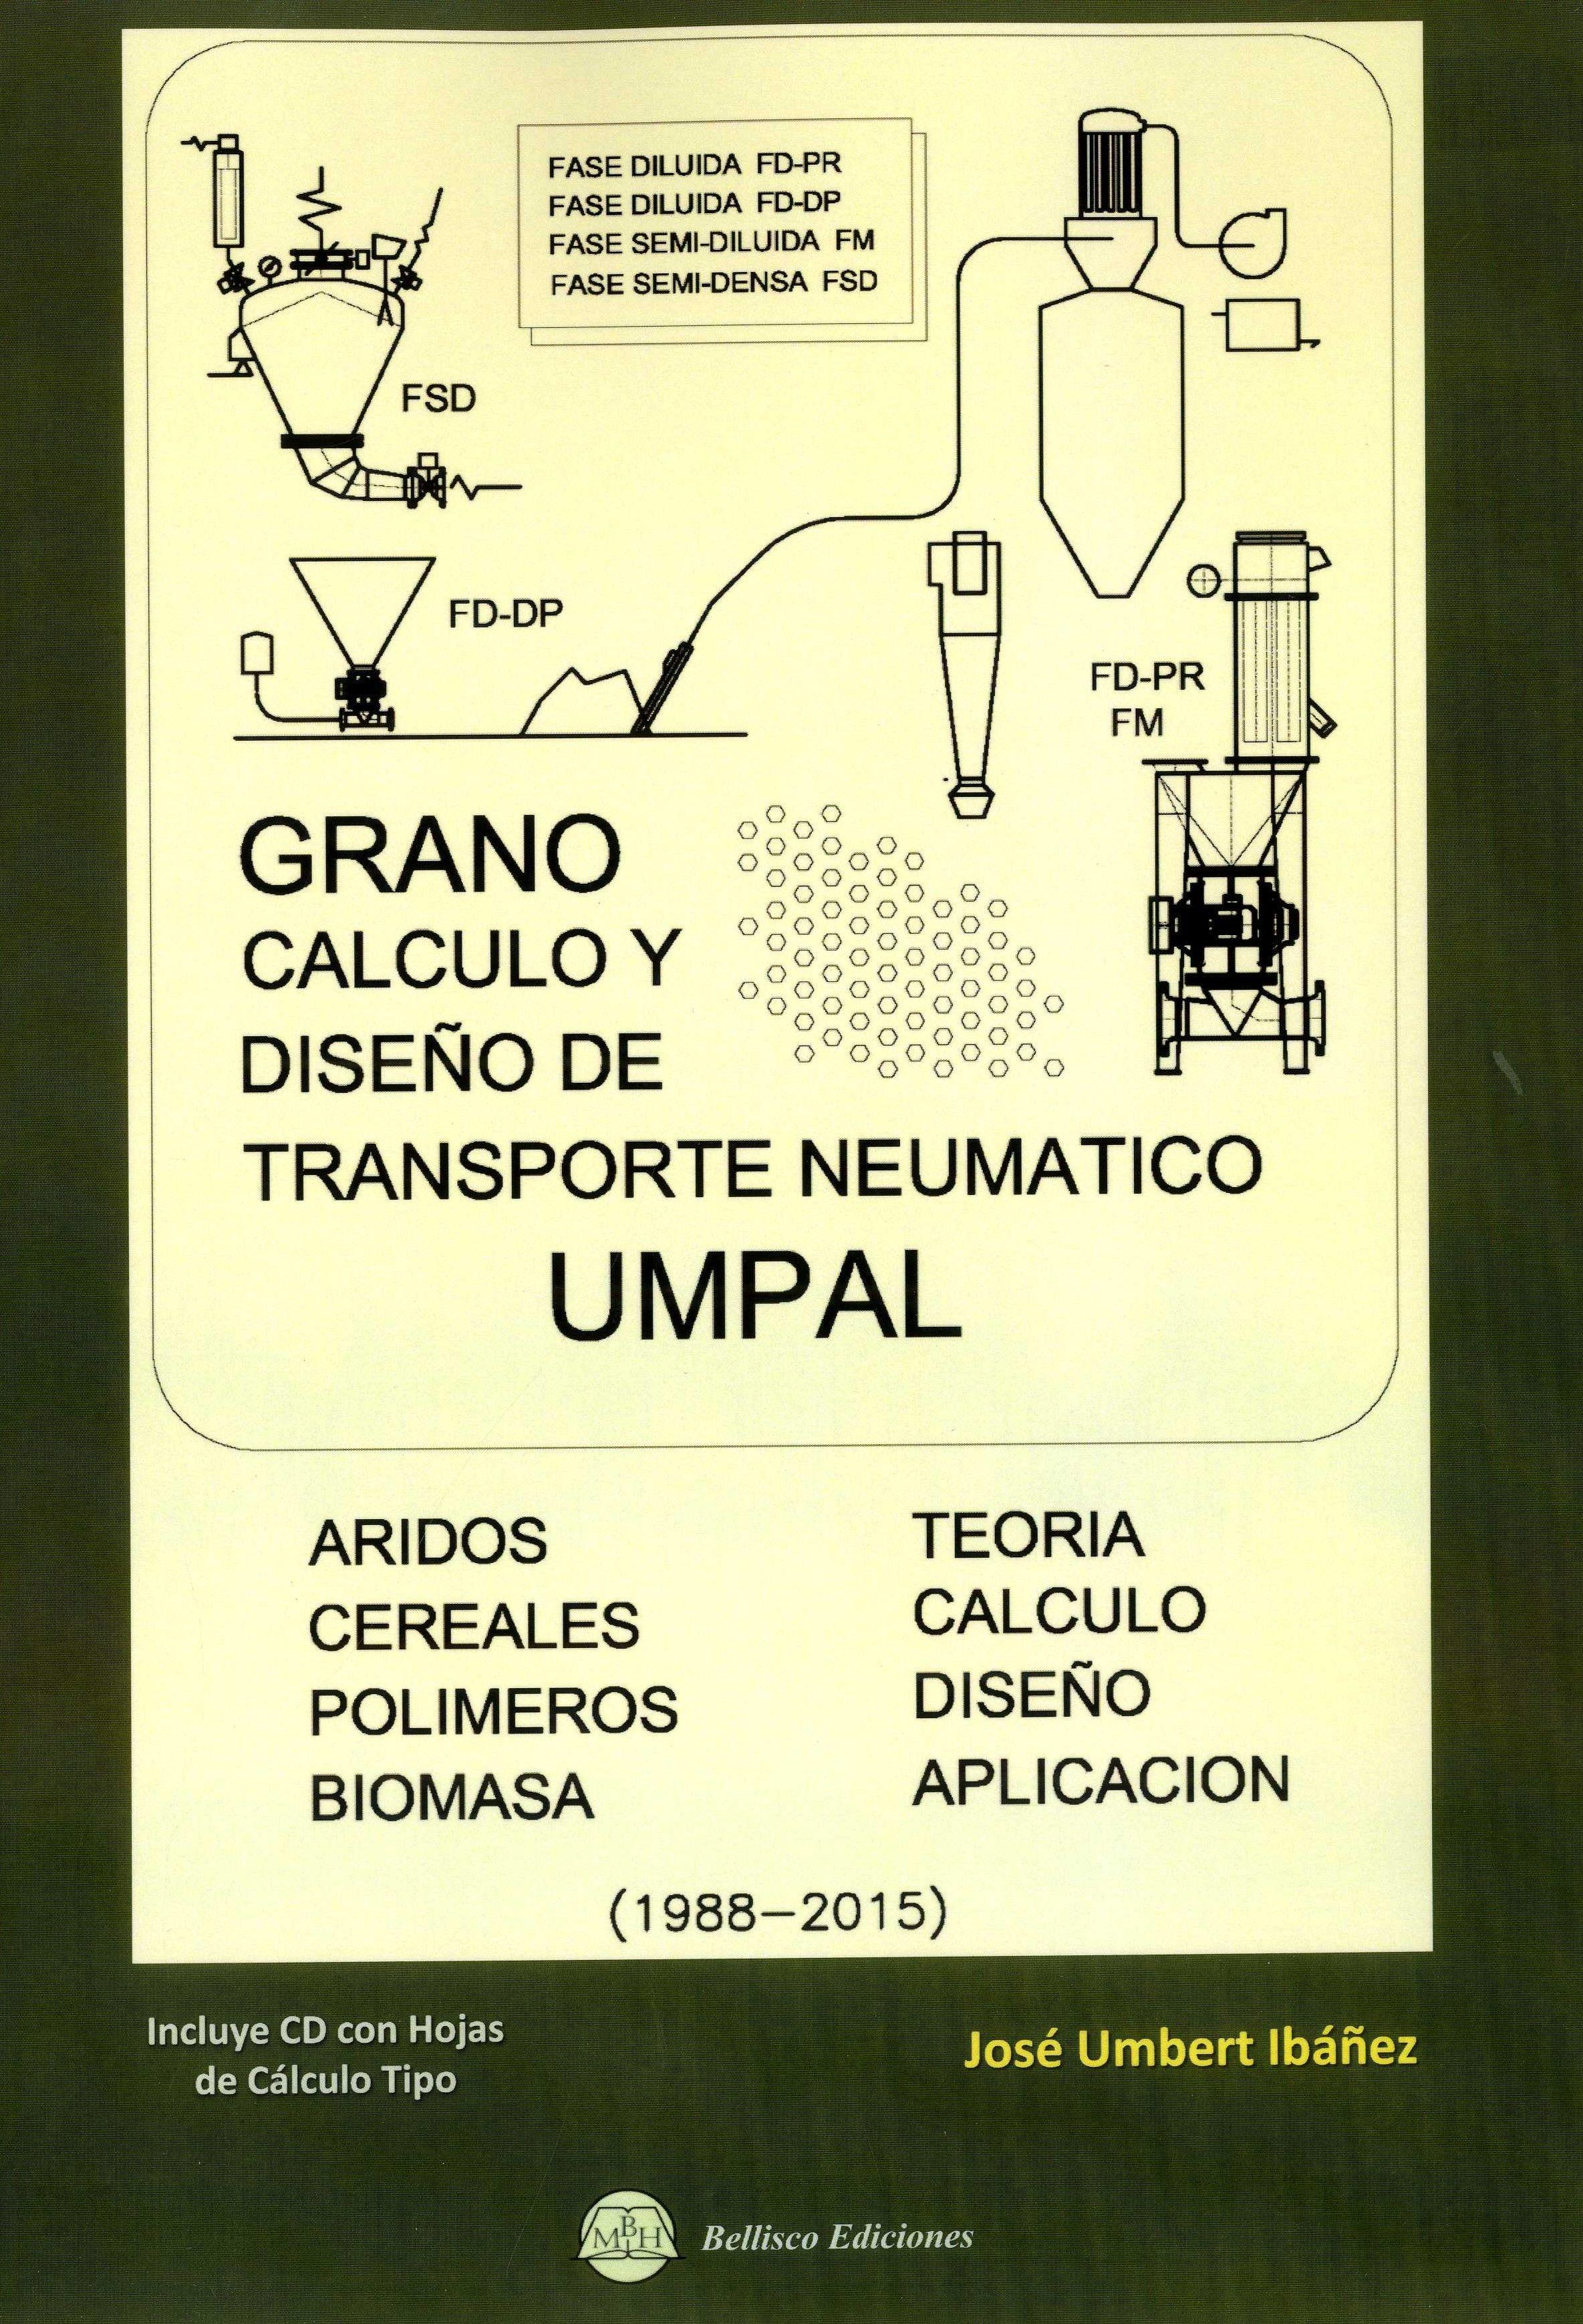 Grano Calculo Y Diseno De Transporte Neumatico Umpal Por Josep